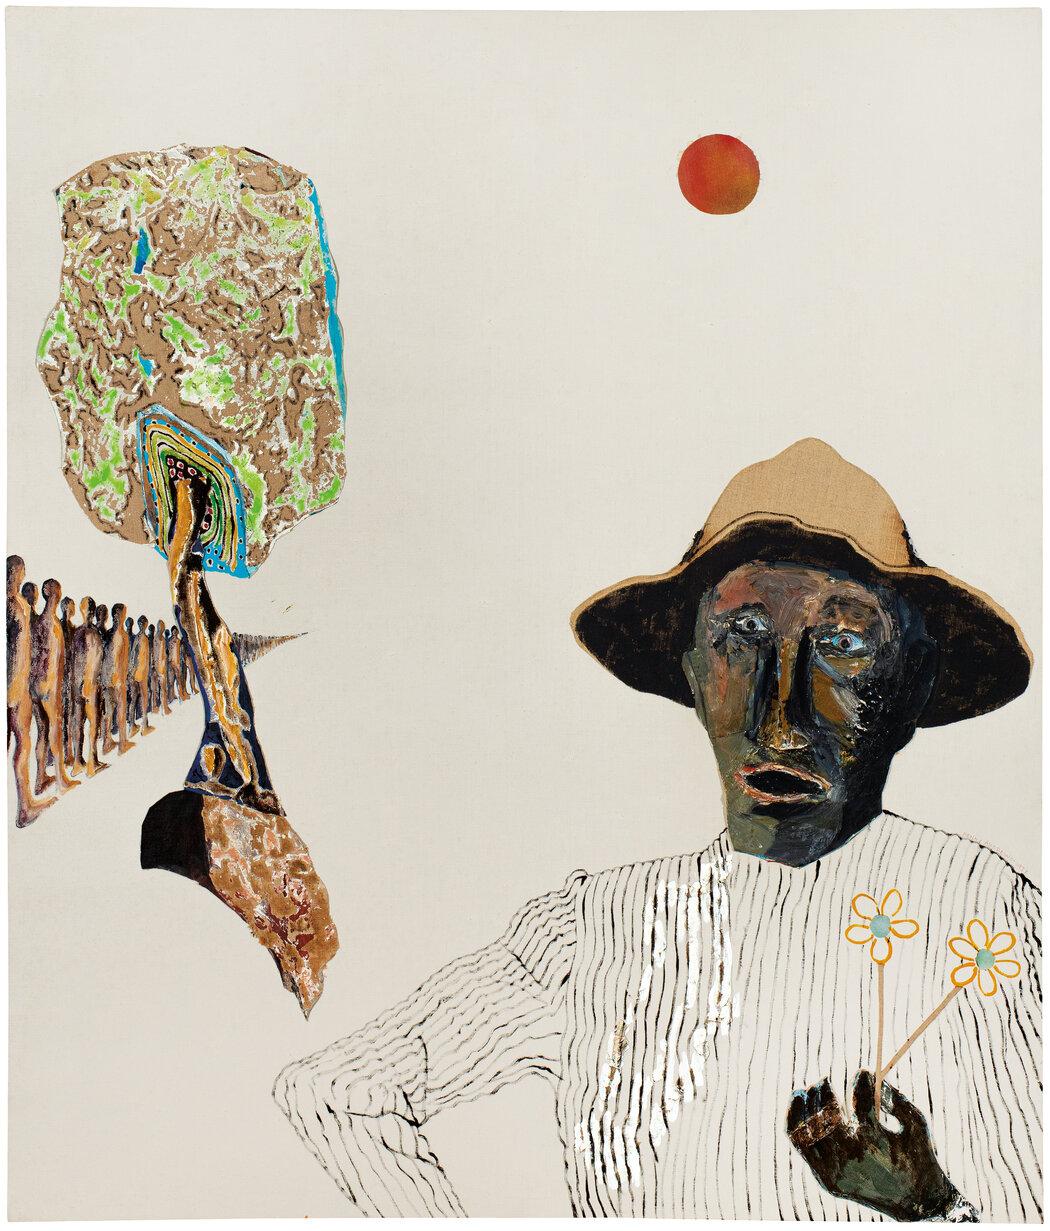 """《路易》(1977年),""""一个鲜明的悲伤形象,象征着美国数代有色人种受压迫的文化记忆。"""""""